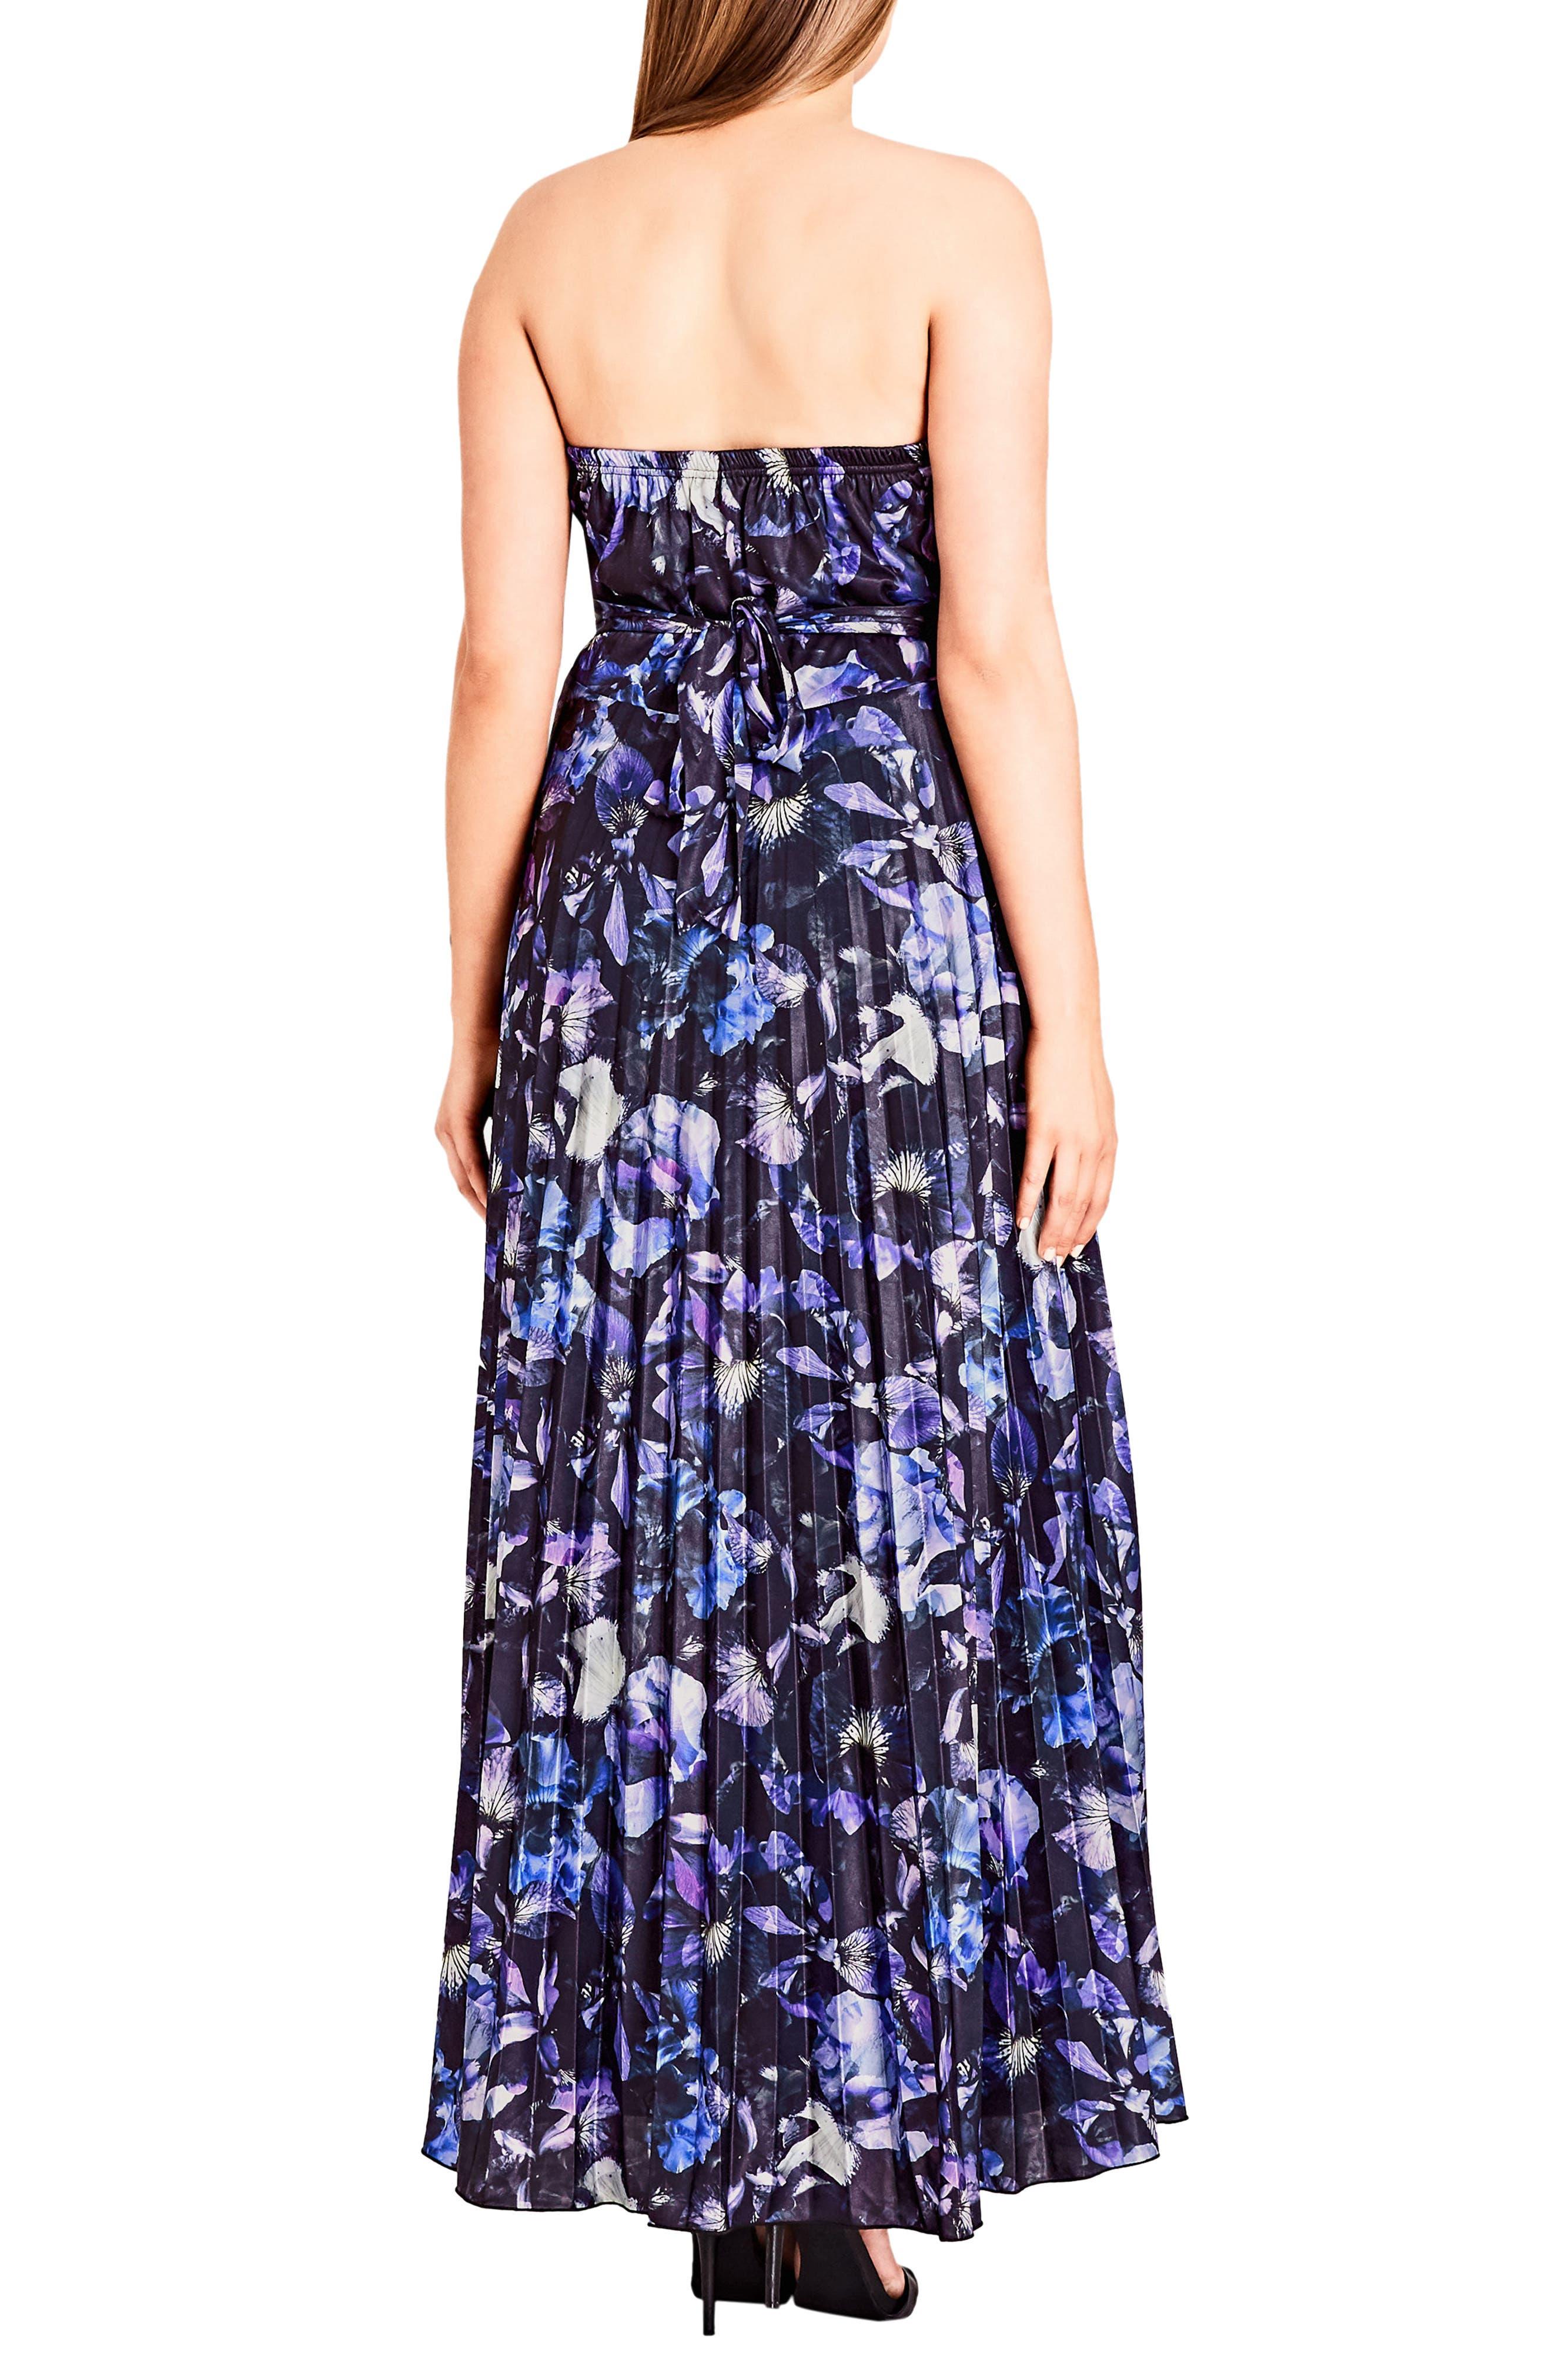 Lavender Floral Maxi Dress,                             Alternate thumbnail 2, color,                             LAVENDER FLORAL